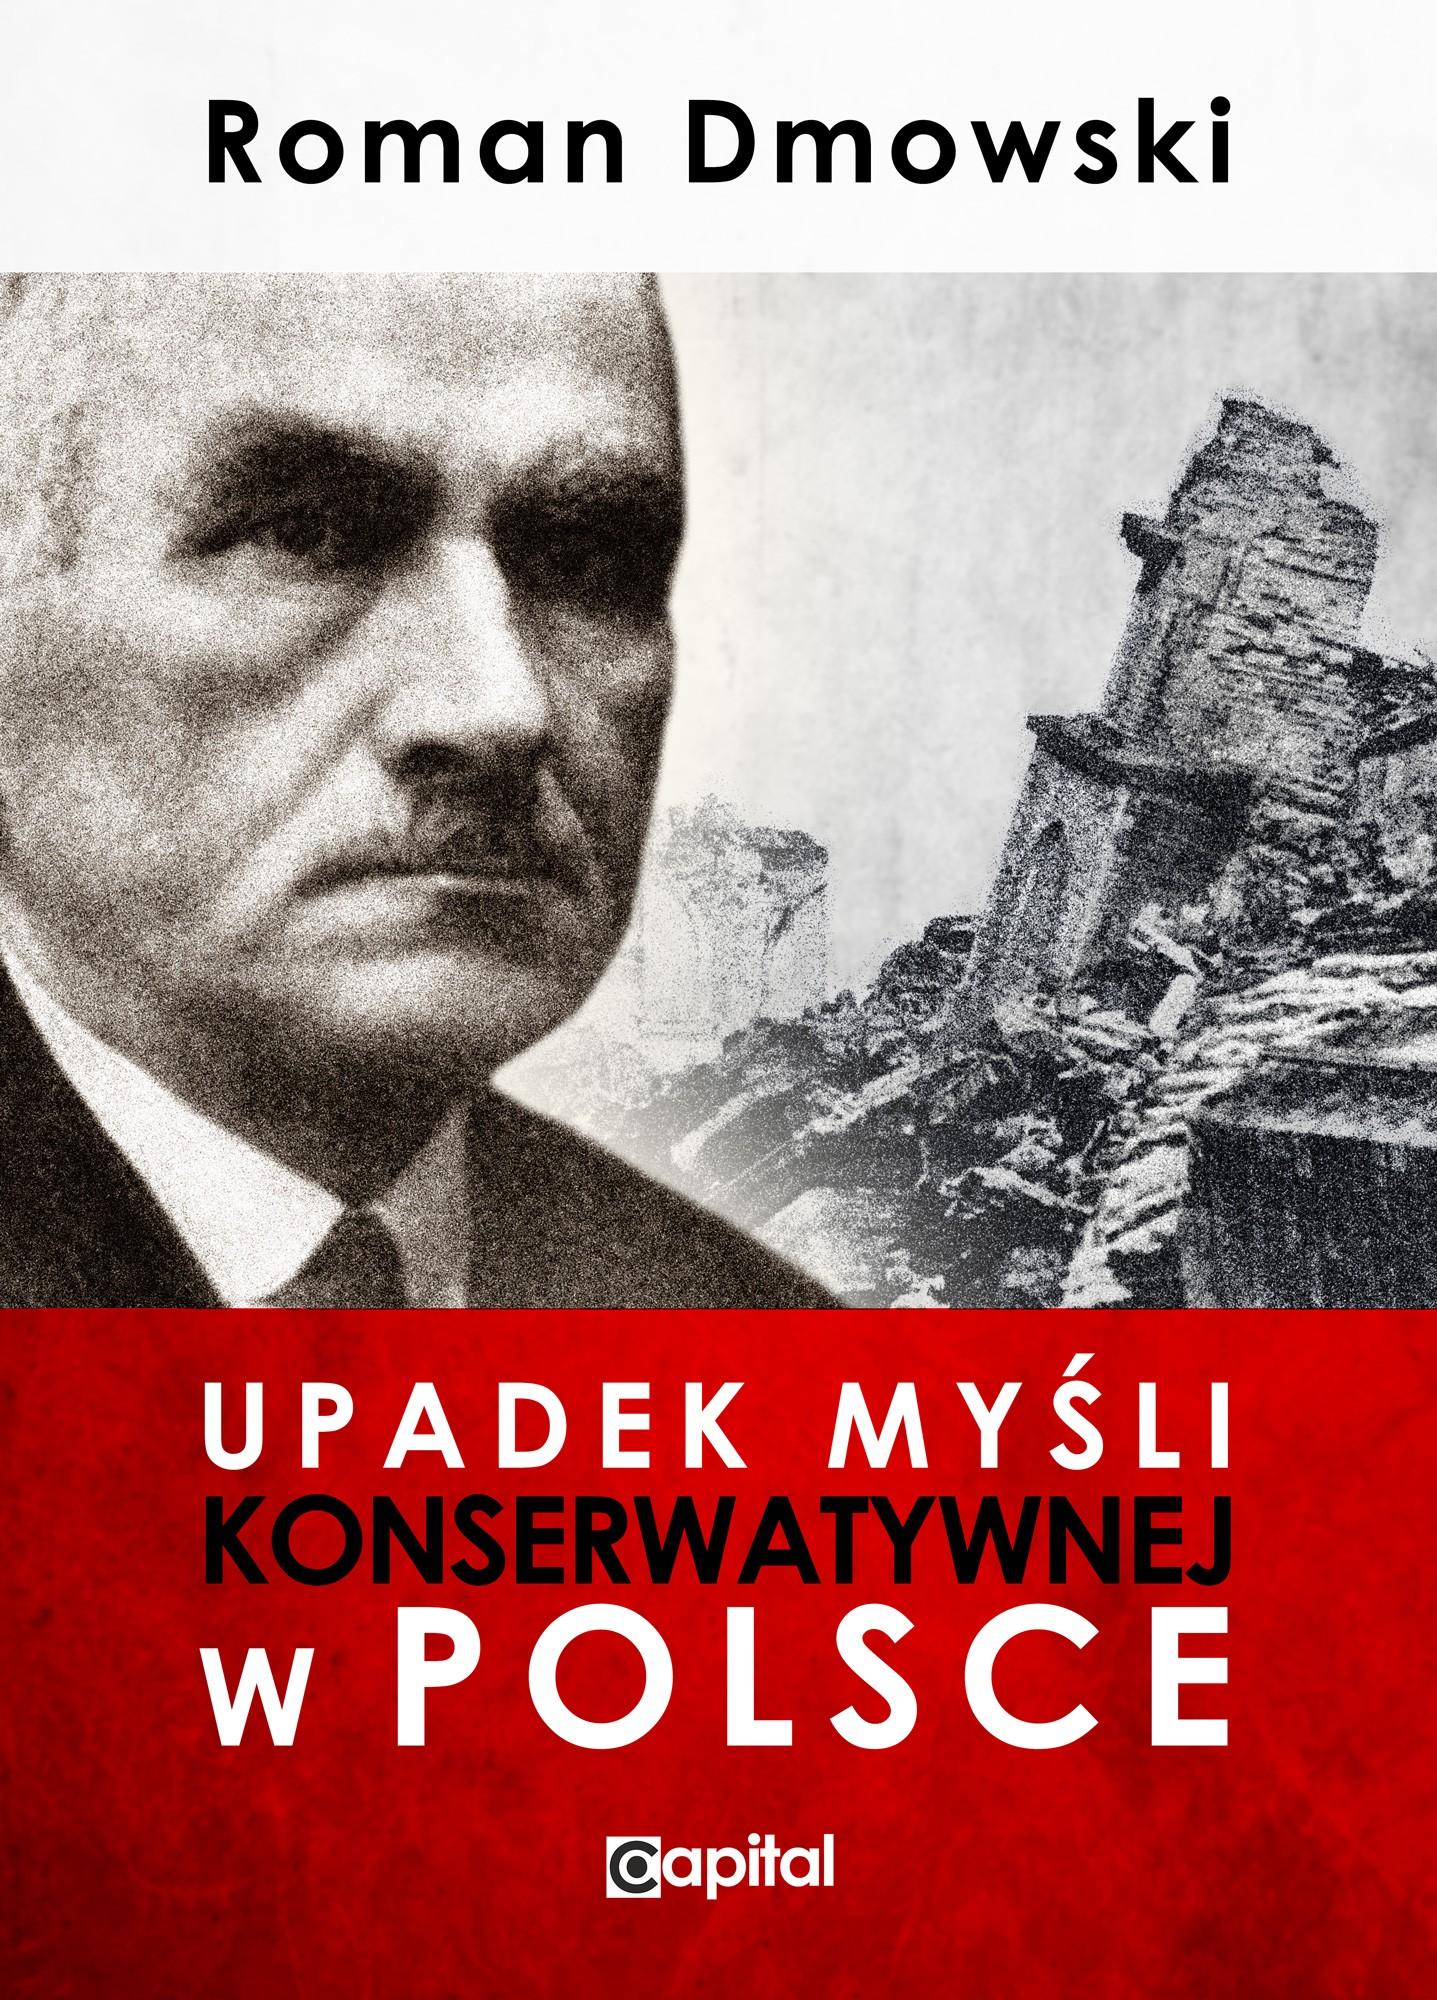 Upadek myśli konserwatywnej w Polsce (R.Dmowski)